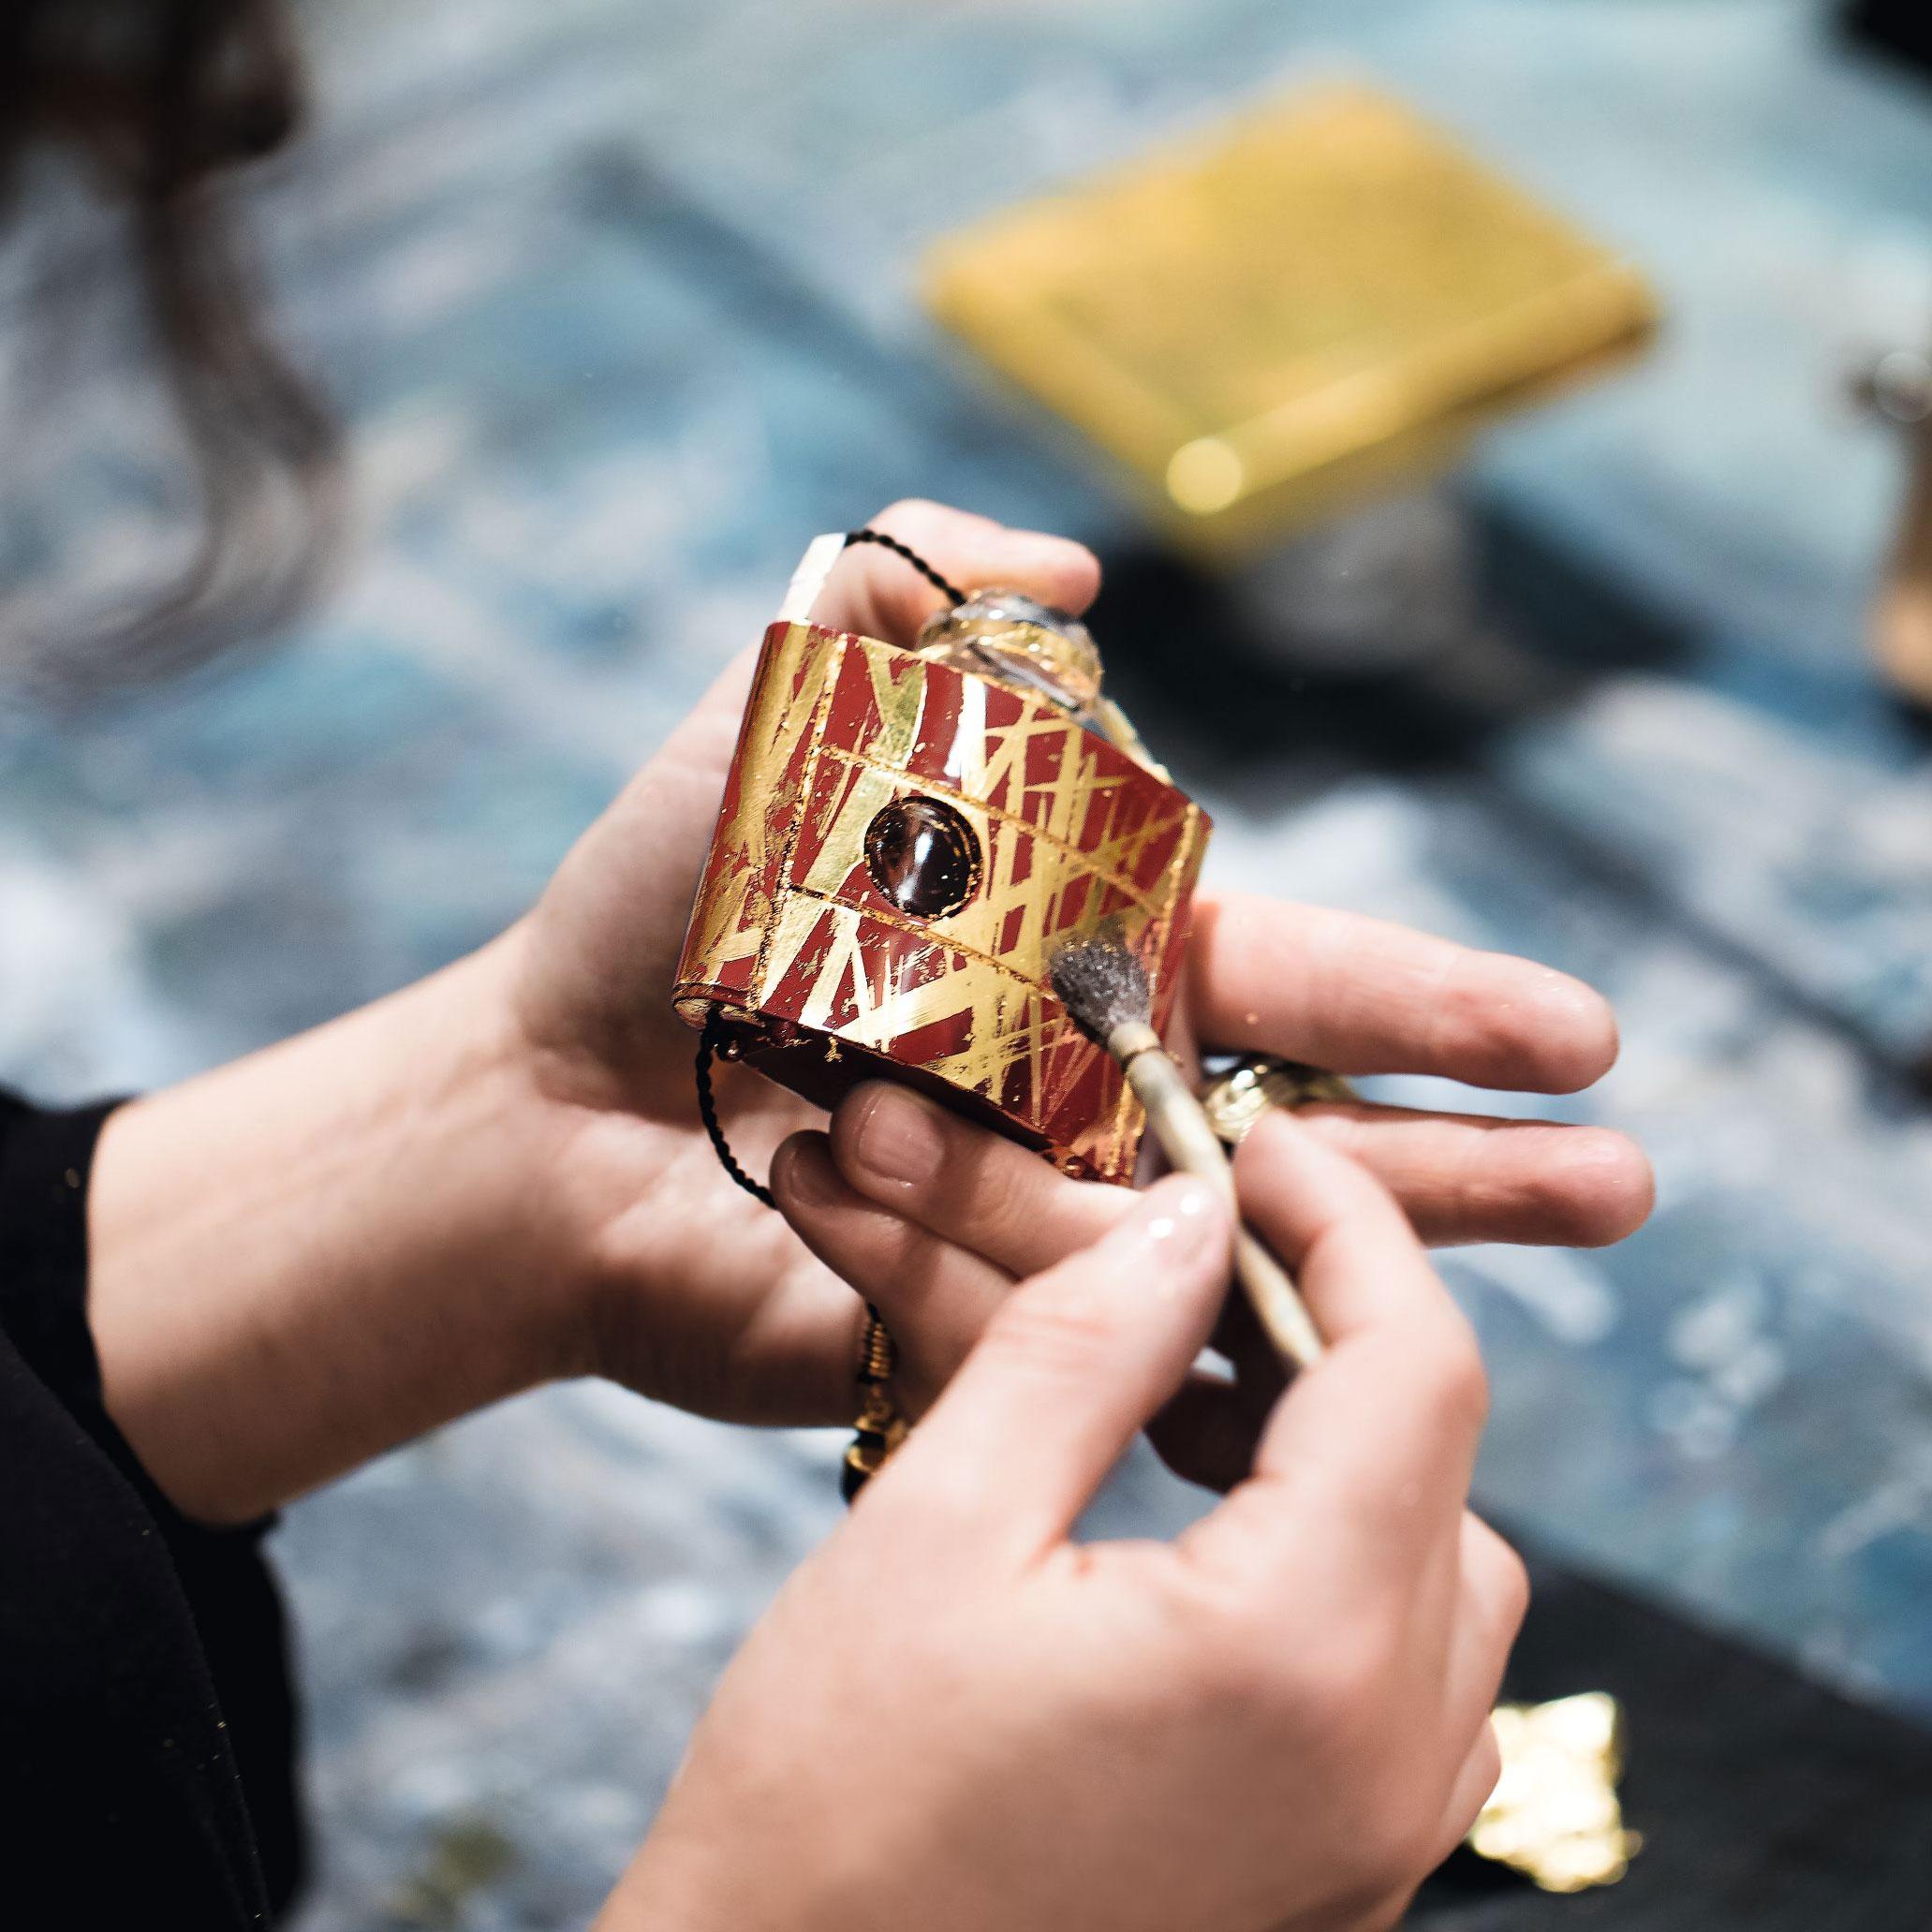 D'opium Célébrer Saint Ans Les Pour Laurent L'or De 40 D'yves rxBoeCdW